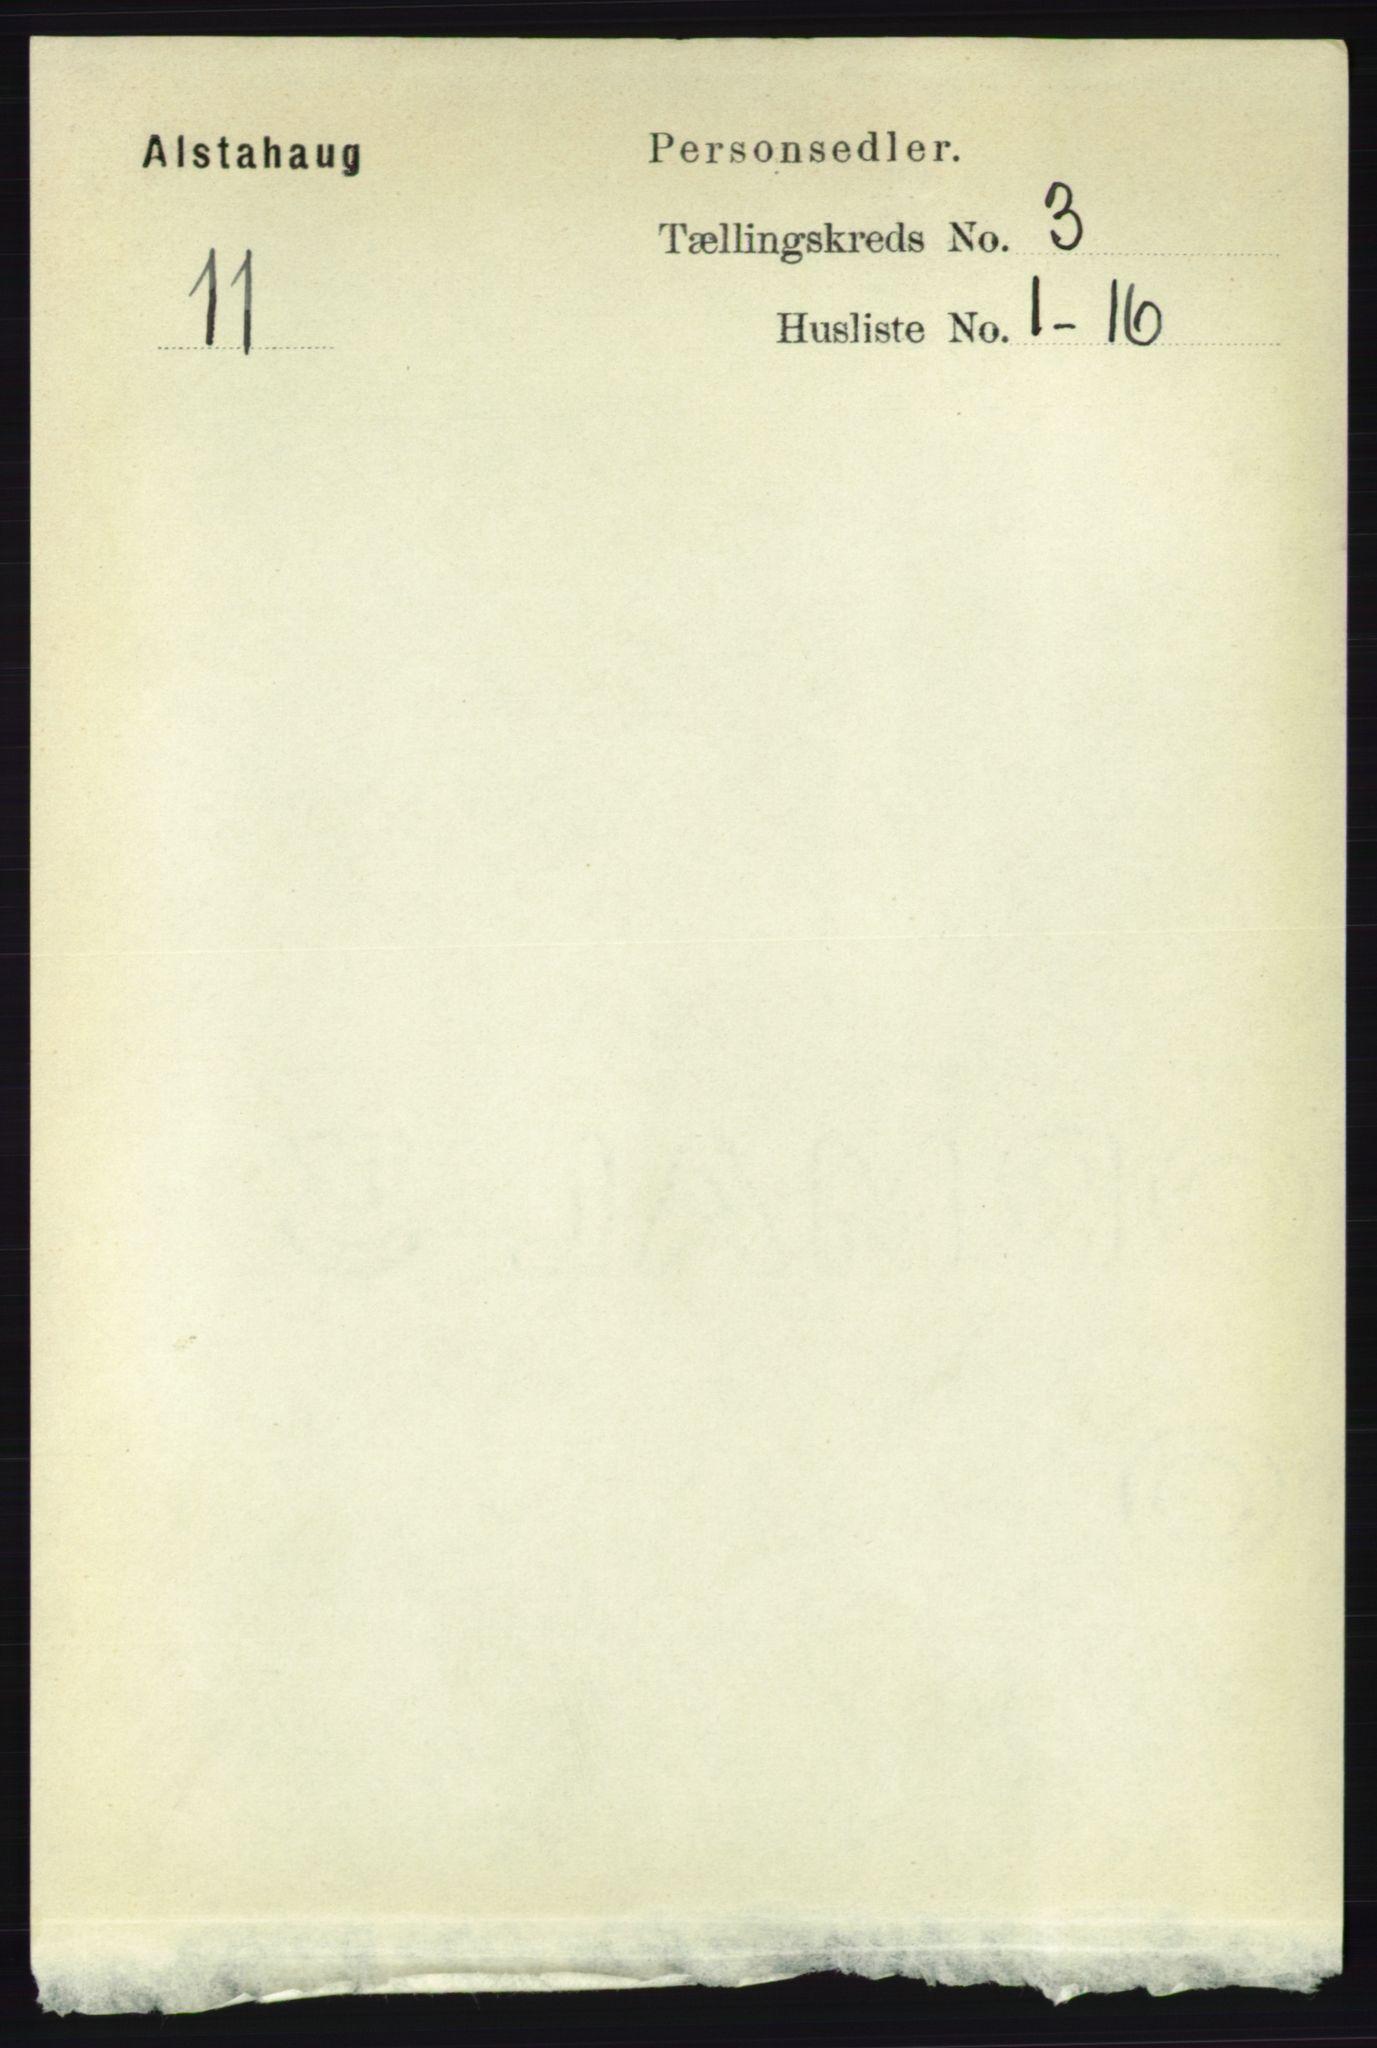 RA, Folketelling 1891 for 1820 Alstahaug herred, 1891, s. 1093